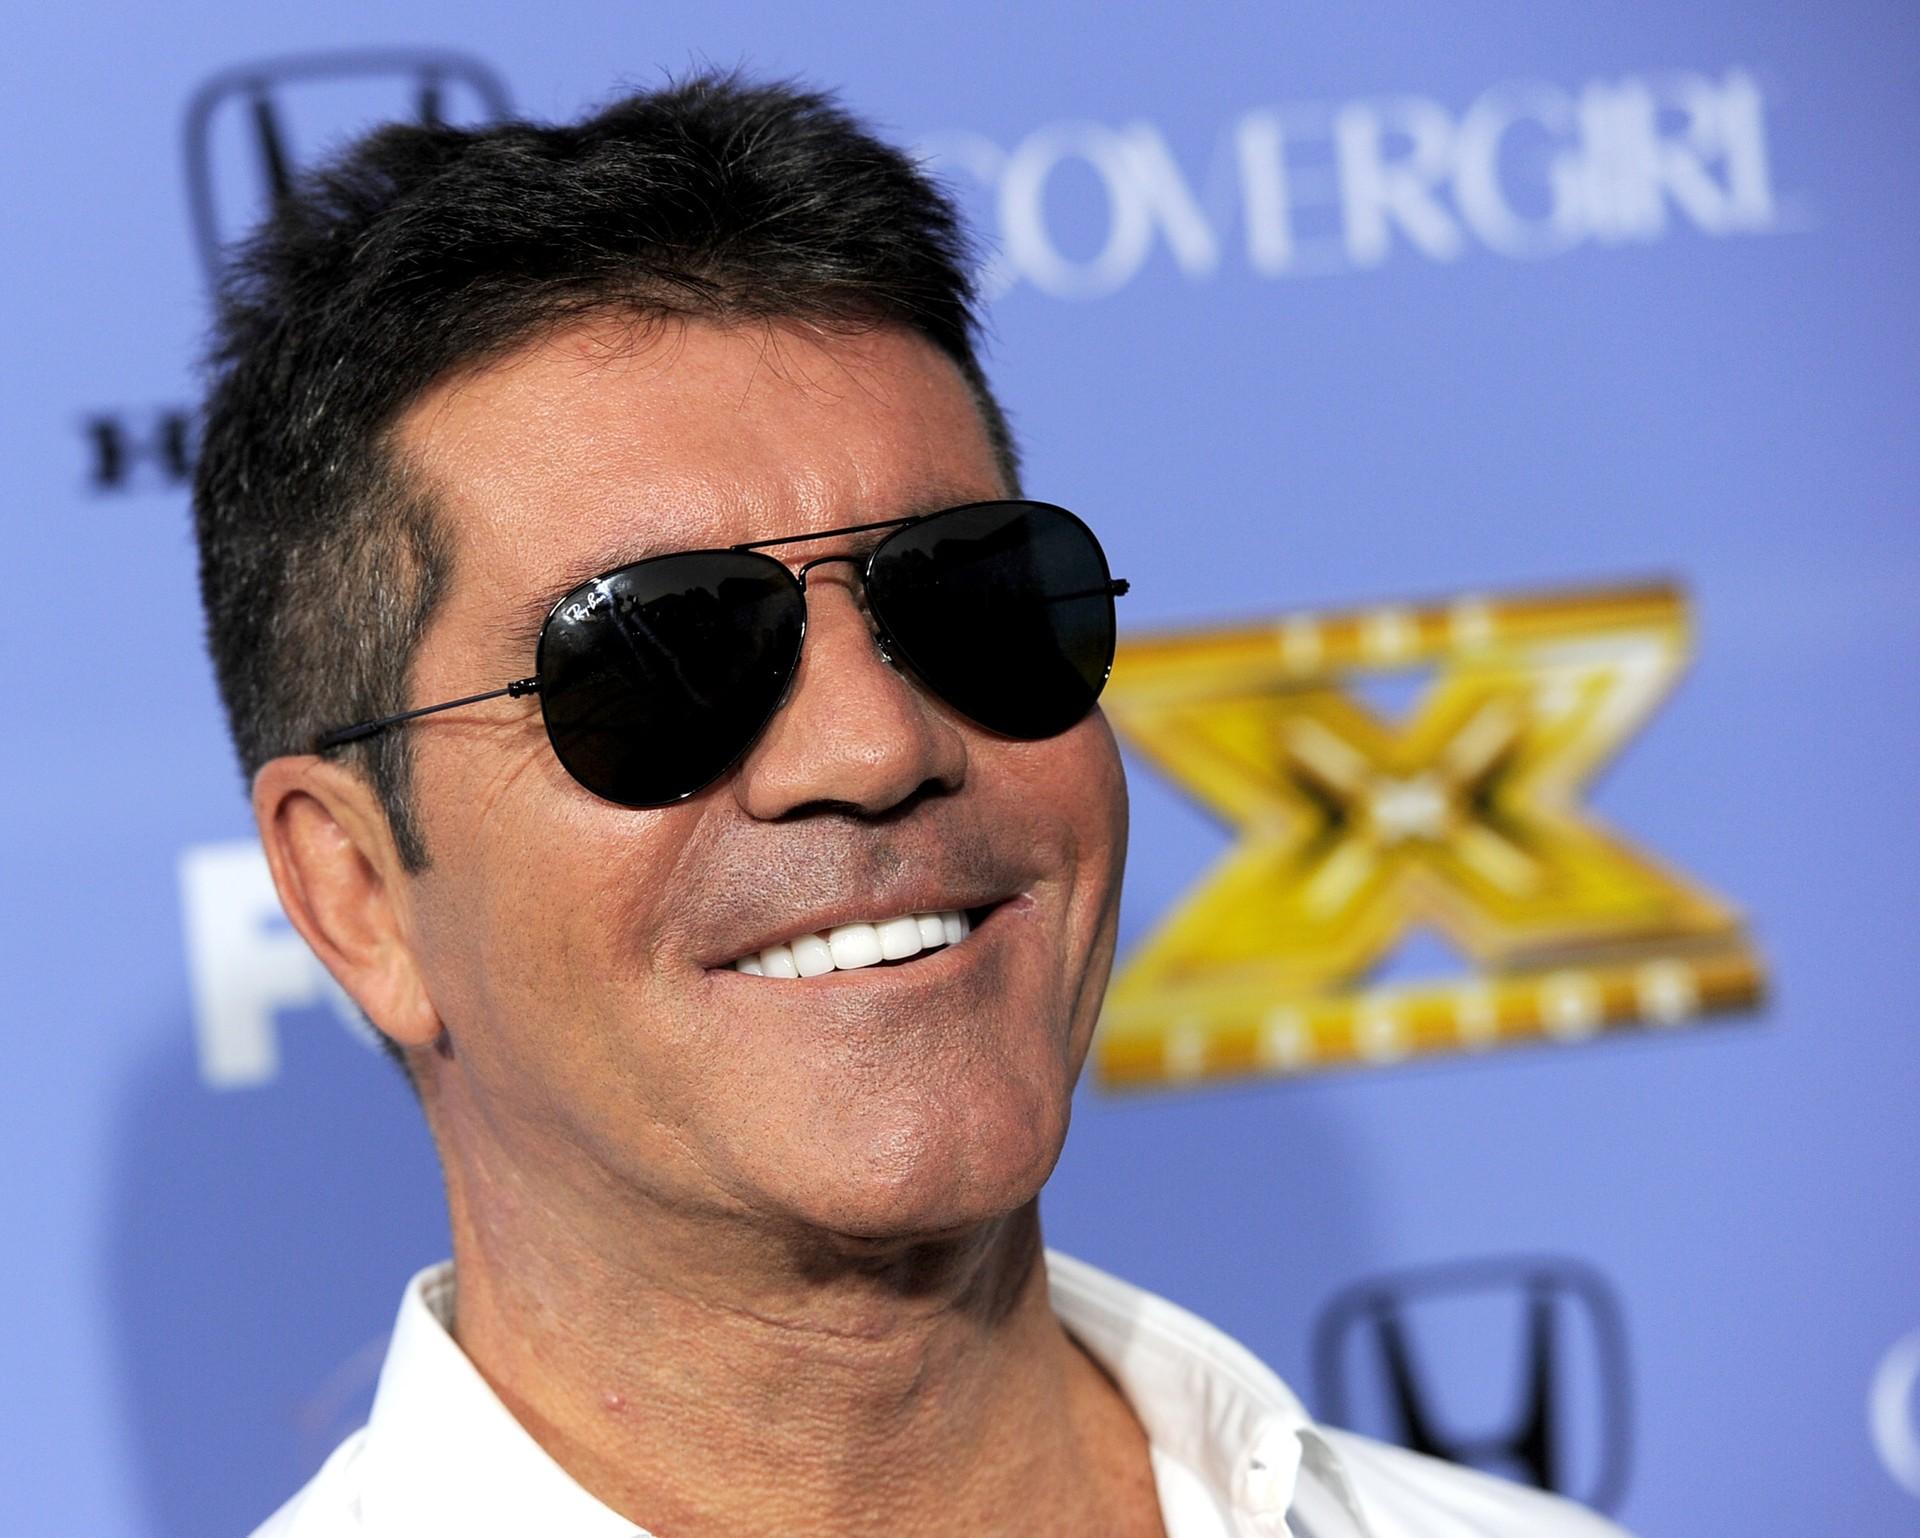 Simon Cowell vai voltar para o The X Factor britânico (Foto: Getty Images)